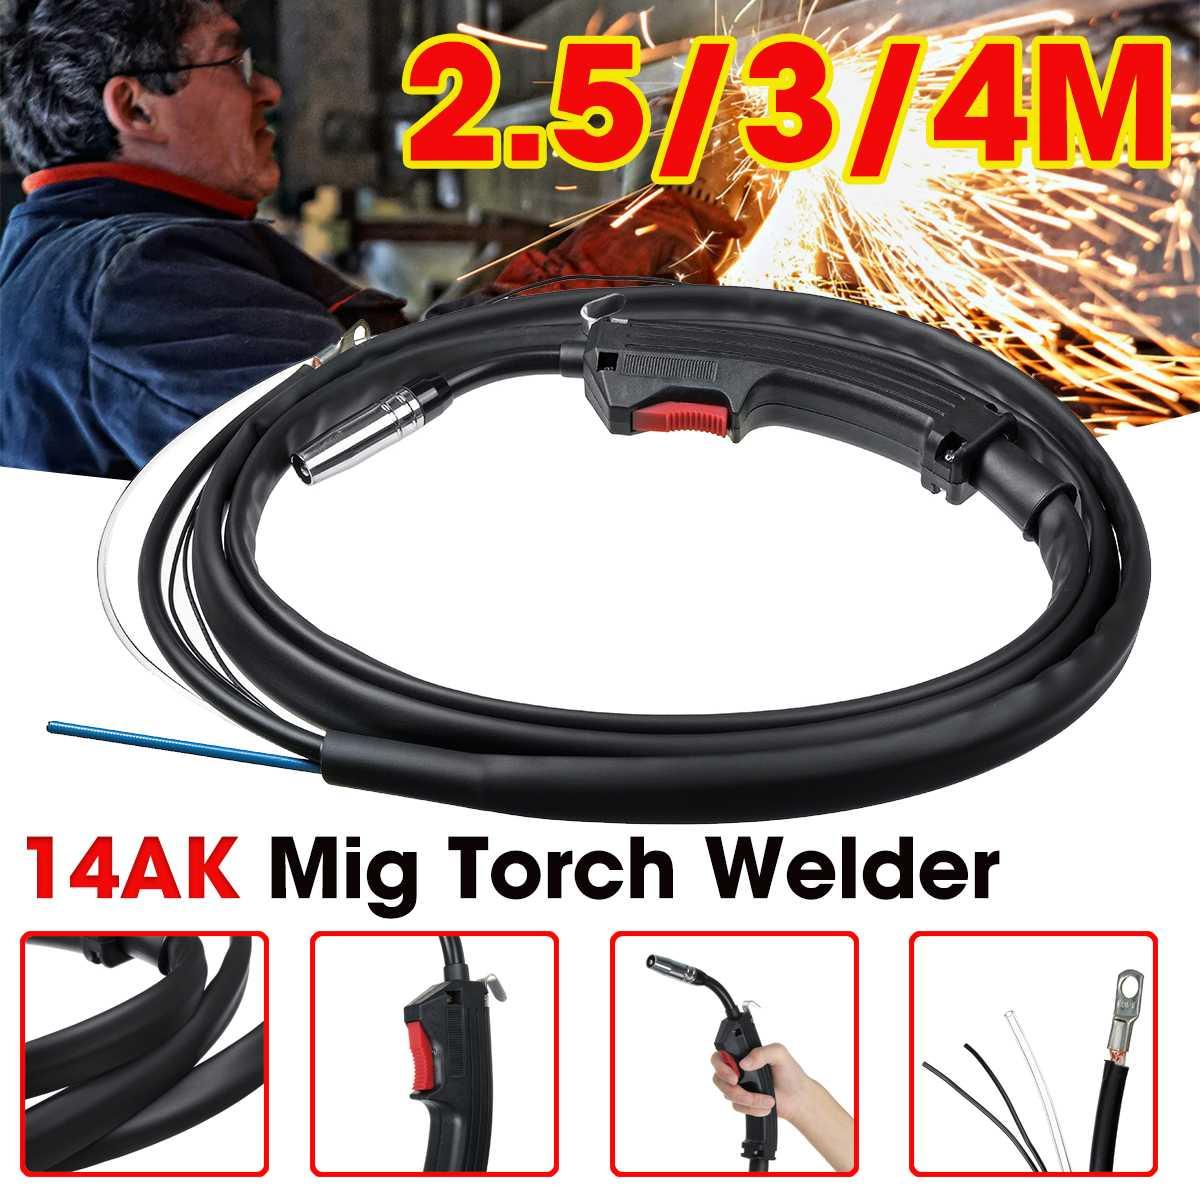 14AK Gas-elektrische Schweißen Gun Torch Elektrische Schweißer Komplette Ersatz Ersatzteil Für MIG MAG Schweißen Maschine